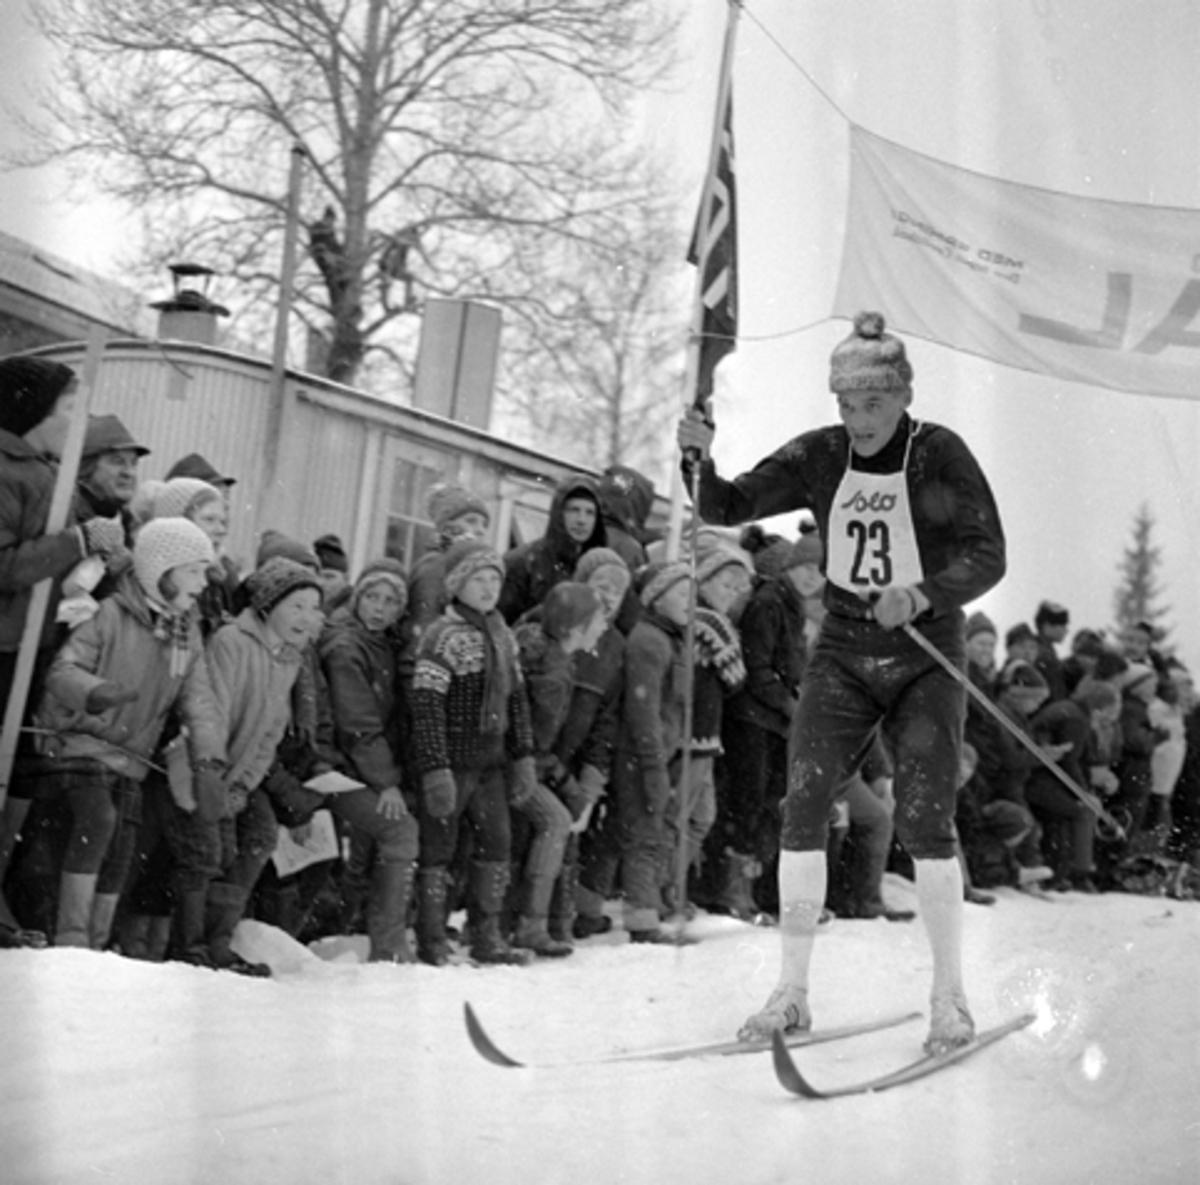 """""""DALASPRINTEN"""", ELITERENN I LANGRENN VED FAGERLUND SKOLE OG TRAVBANEN I BRUMUNDDAL I 1968. GJERMUND EGGEN, Gjermund Eggen (født 5. juni 1941 i Engerdal) er en tidligere langrennsløper og verdensmester. Han gikk for Engerdal SK. Eggen ble det store midtpunktet under VM på ski i Oslo i 1966, med gull på 15 km, 50 km og på stafetten. Han ble kalt «Engerdalsprinsen», men etter VM på hjemmebane ble han skikongen. Hans bror Jo Eggen var også en habil skiløpet, men oppnådde aldri samme status som Gjermund. Han har tre individuelle NM-titler, og stafettgull fra NM 1966. Gjermund Eggen ble tildelt Sportsjournalistenes statuett, som Årets idrettsnavn, Morgenbladets Gullmedalje i 1966 og i 1968 ble han tildelt Holmenkollmedaljen. I hjemkommunen er han hedret med egen statue, som ble avduket 5. august 2006 ved siden av skimuseet. I 1966 gav Eggen ut boken 3 x Gull. Han kom også med flere plateinnspillinger. Etter endt karriere startet han skiproduksjon i hjembygda si. Skiene ble kalt Eggen-ski. KILDE WIKIPEDIA"""